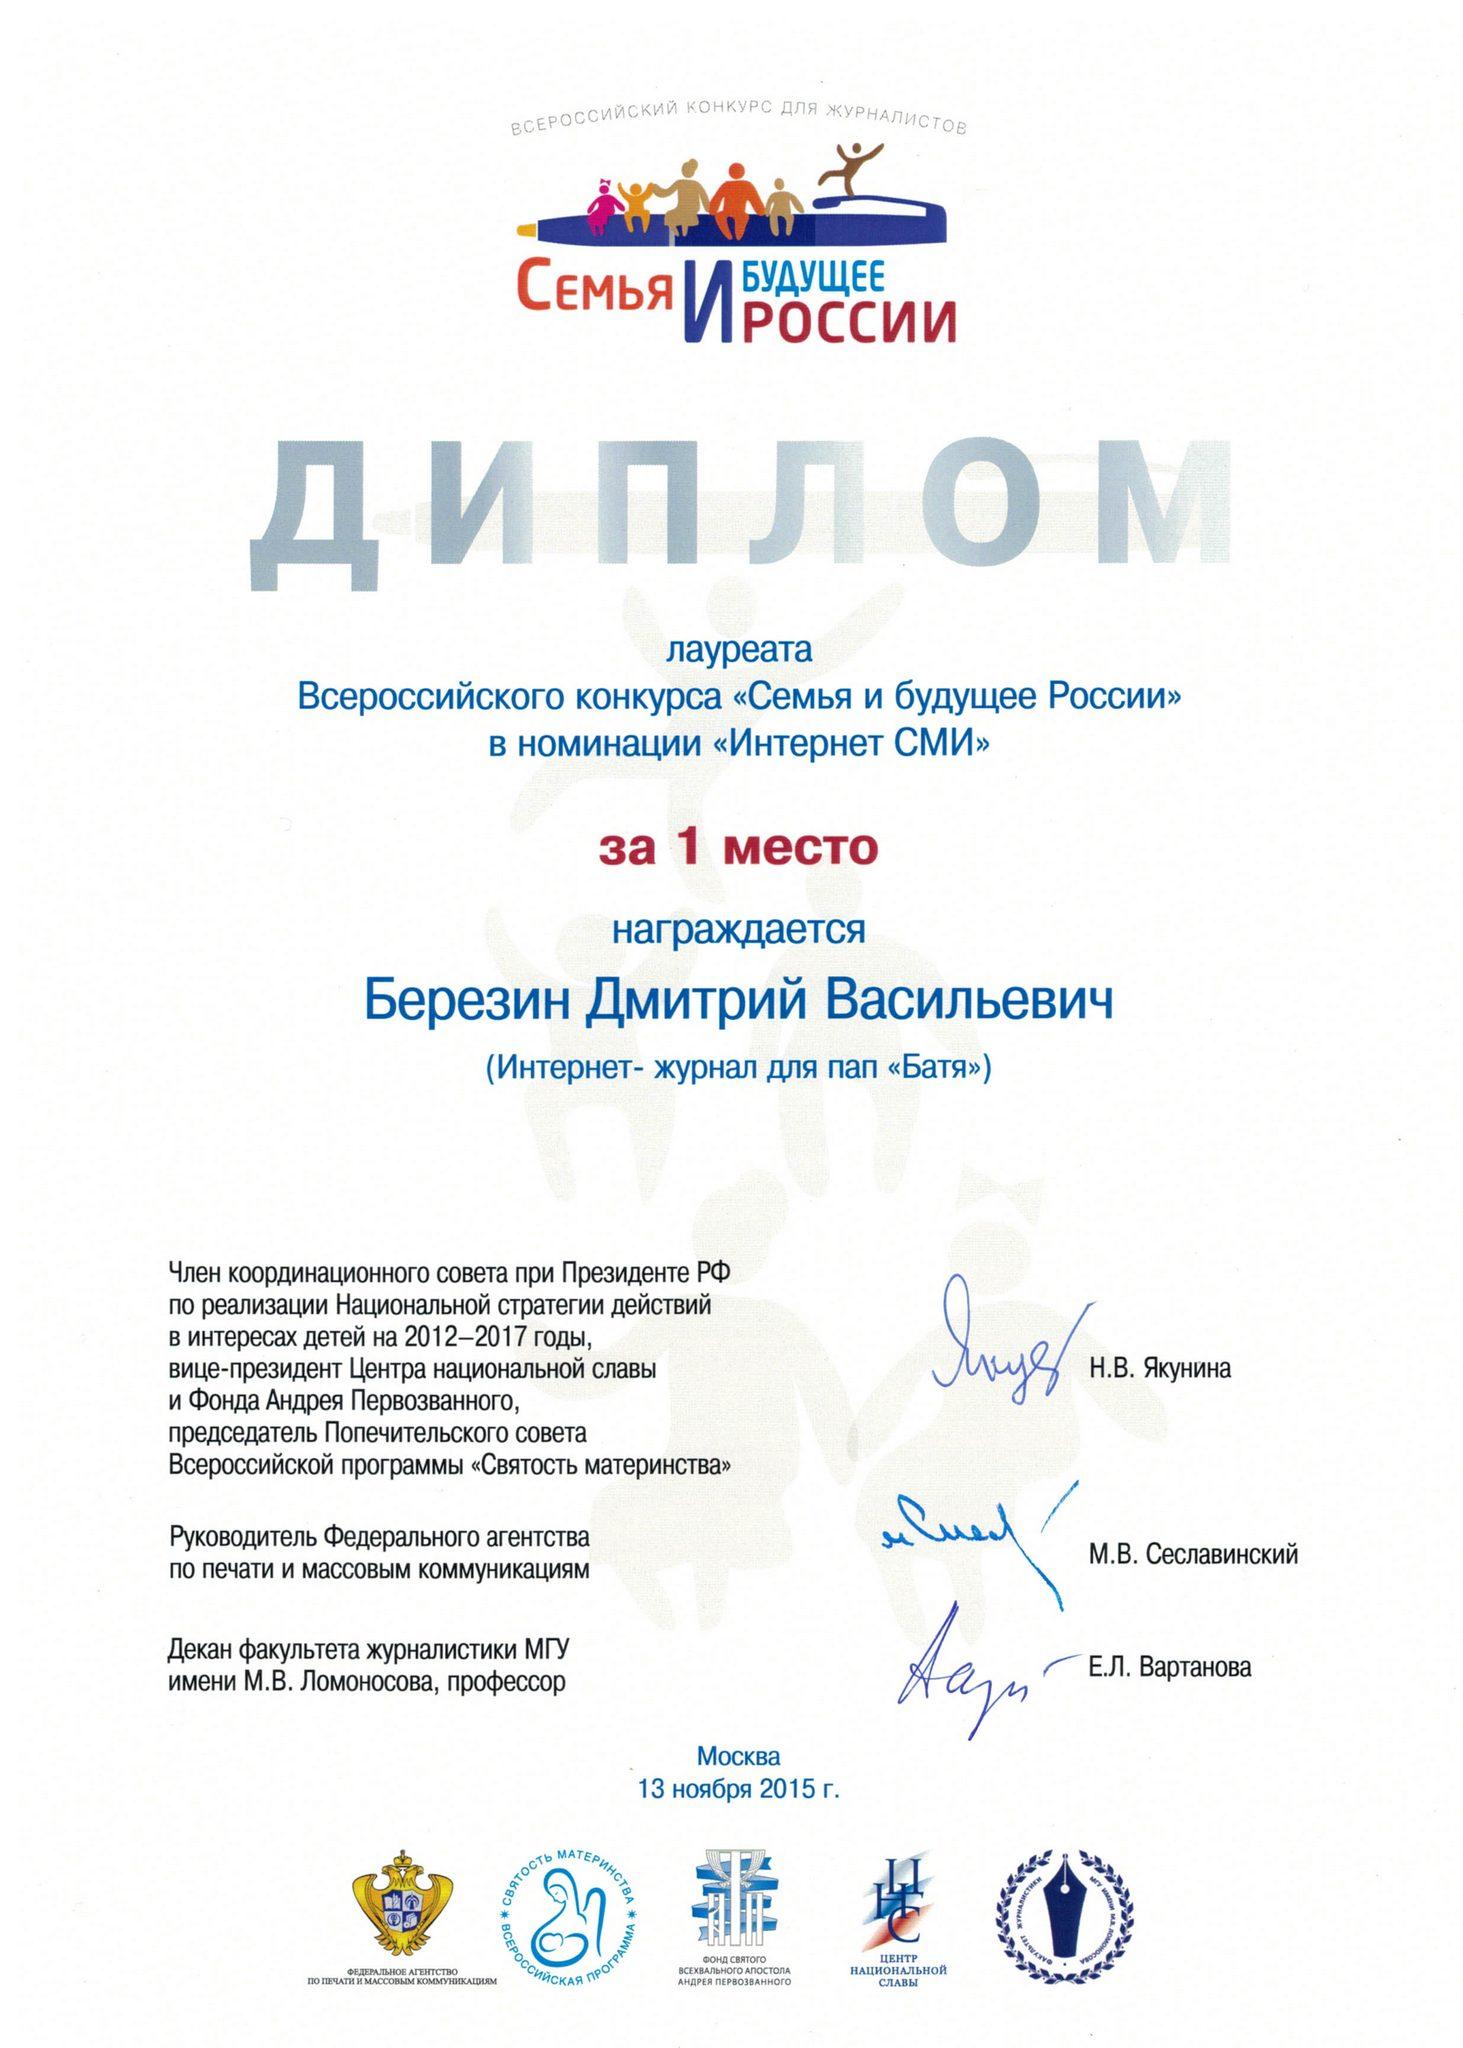 Семья и будущее россии конкурс